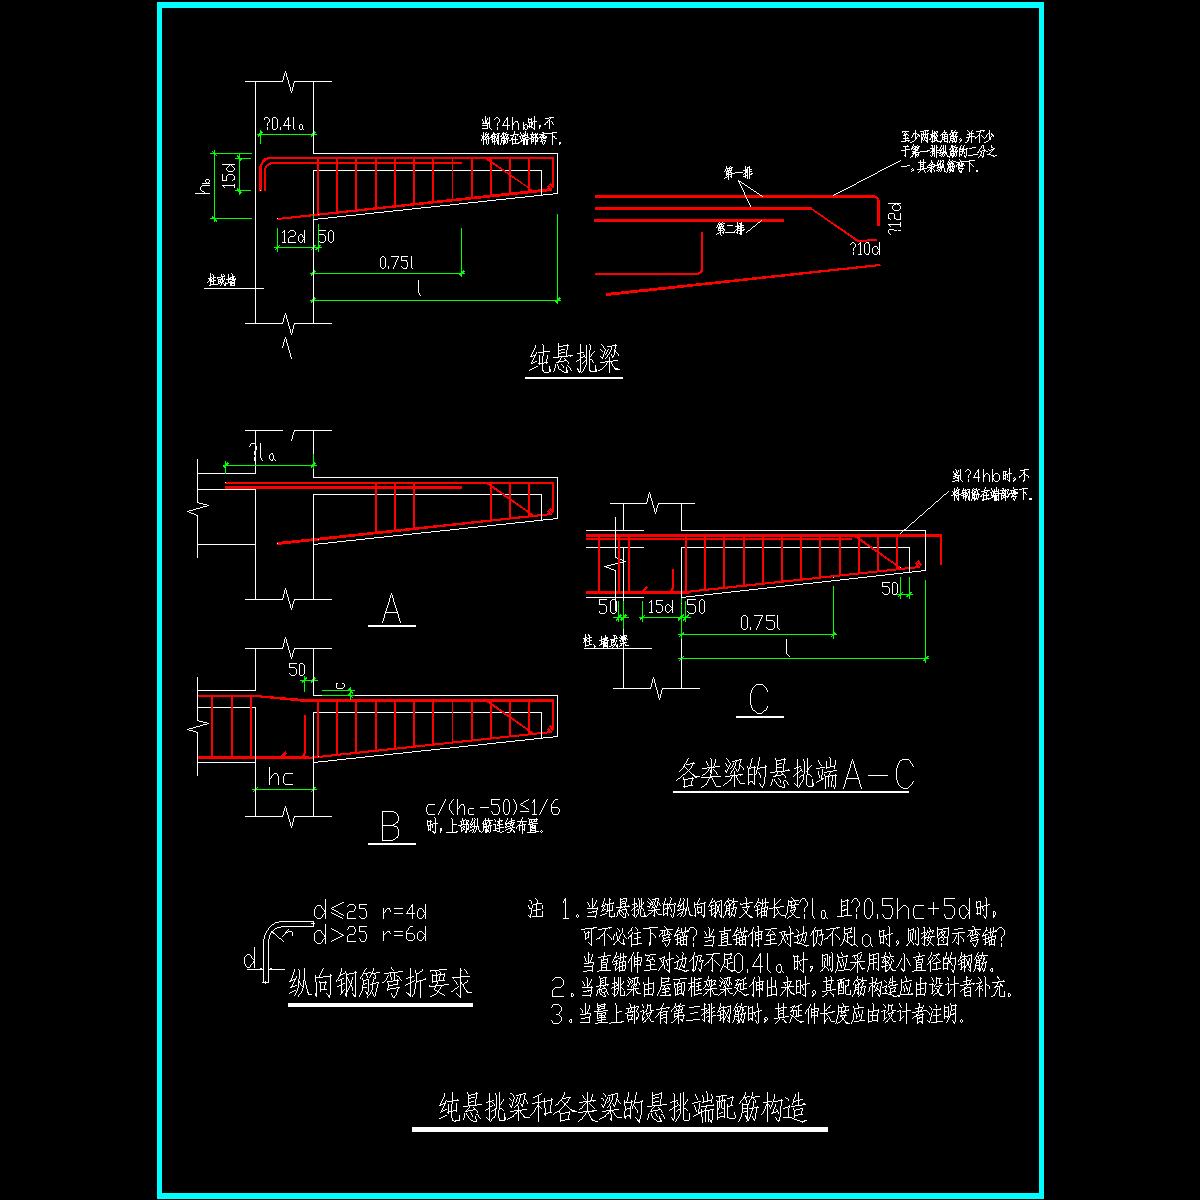 节点配筋详图 - 1